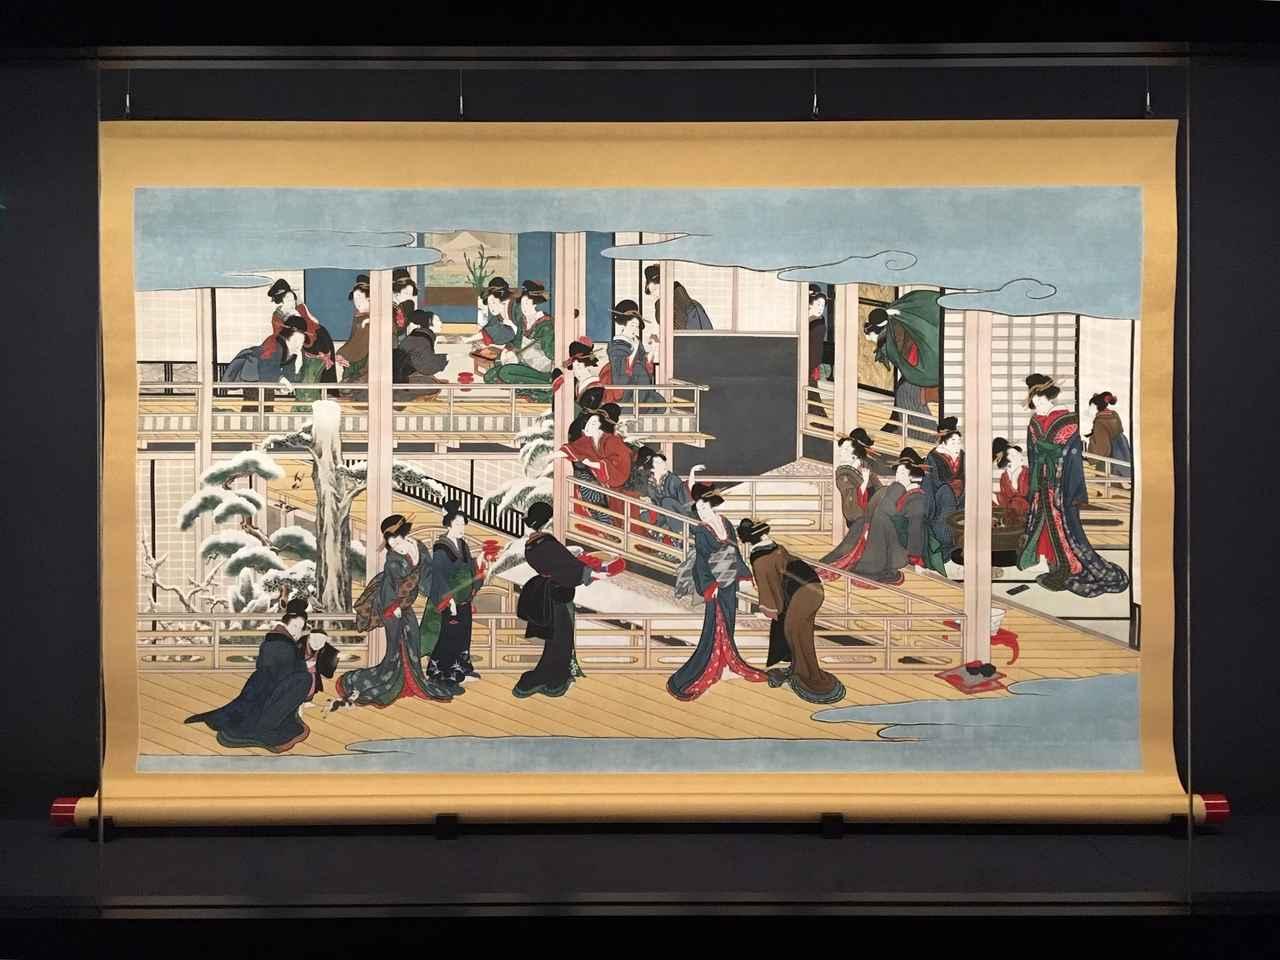 画像: 喜多川歌麿の「深川の雪」江戸時代 享和2~文化3年(1802~06)頃 岡田美術館蔵 (展示期間:9/30~12/28)